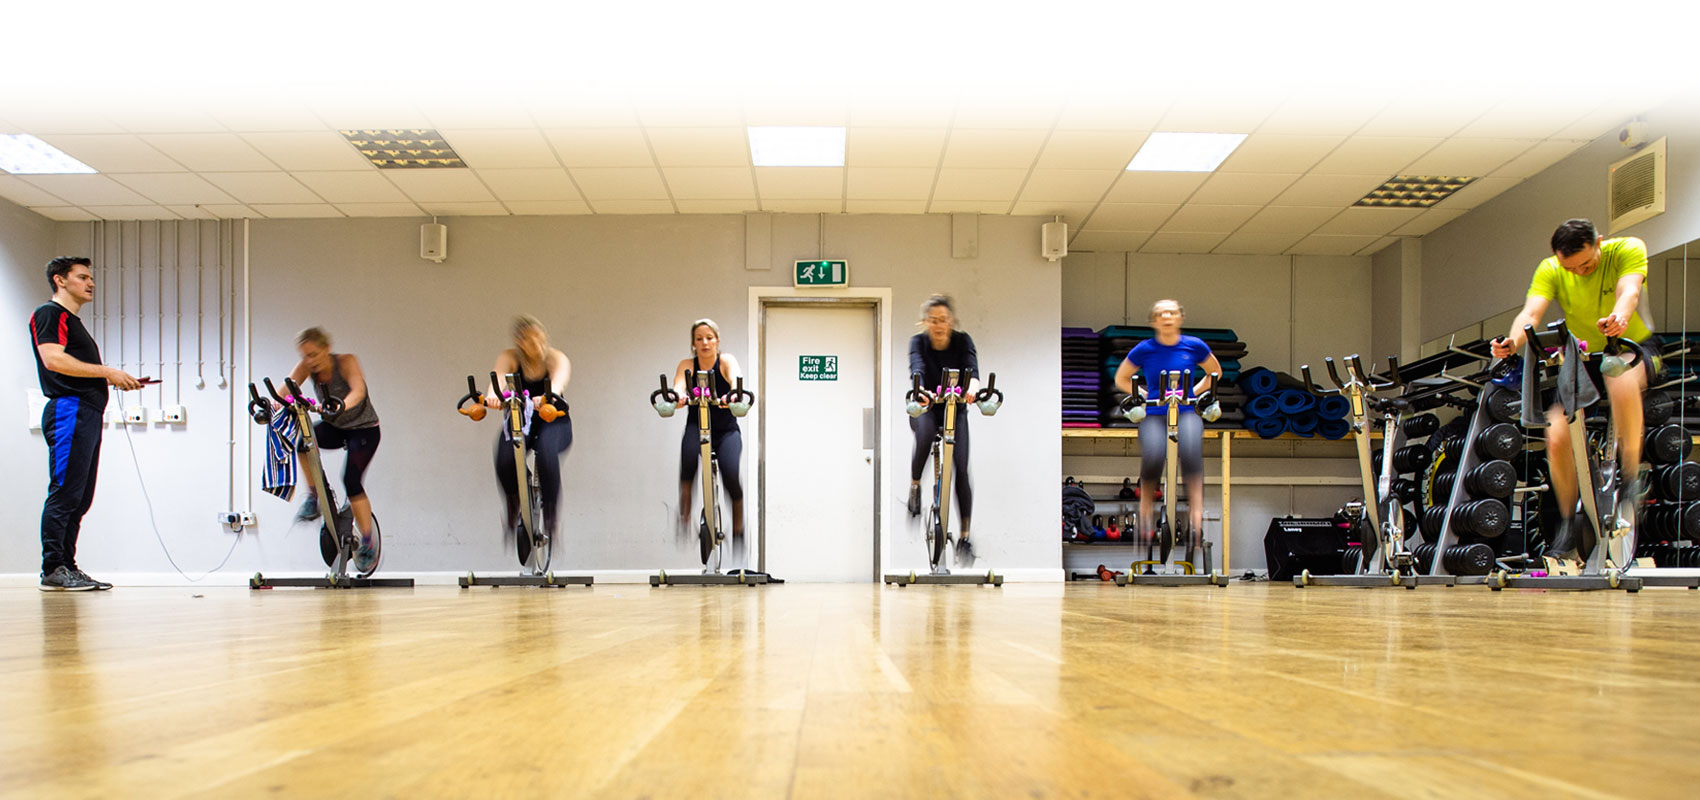 gym classes in Harrogate